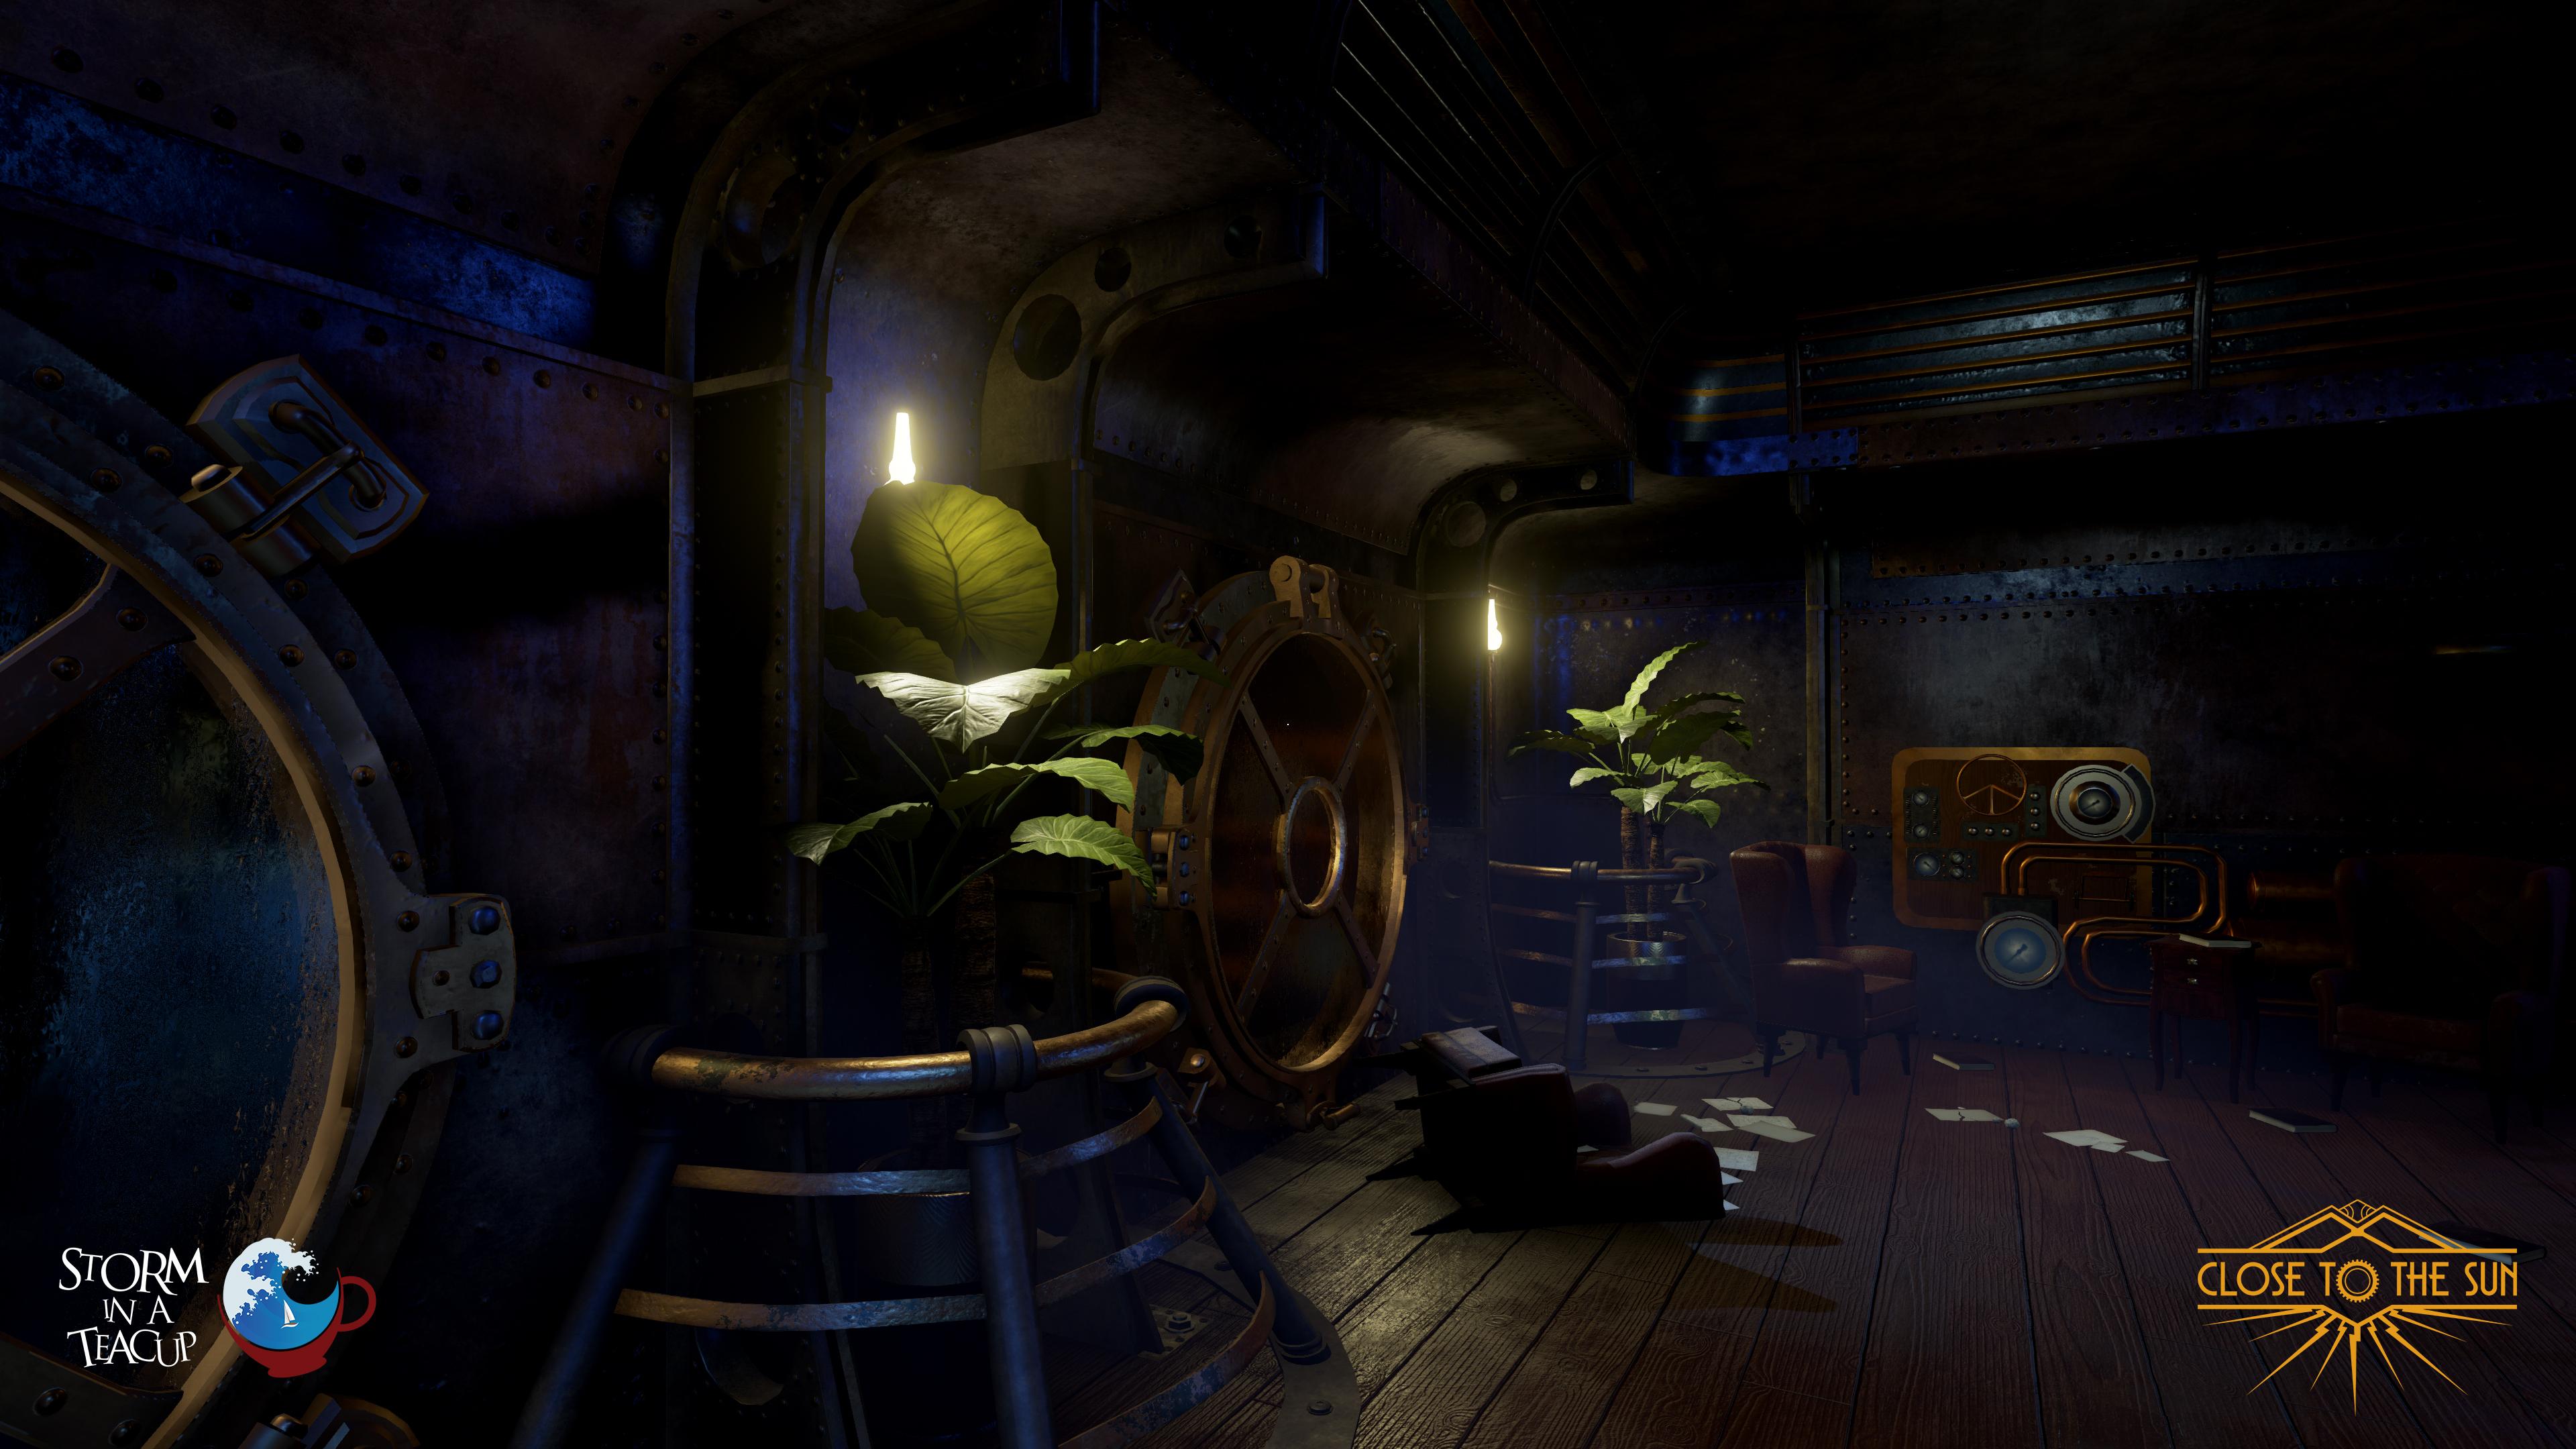 Příběhová hororovka Close to the Sun nás zavede do 20. století na loď 148769